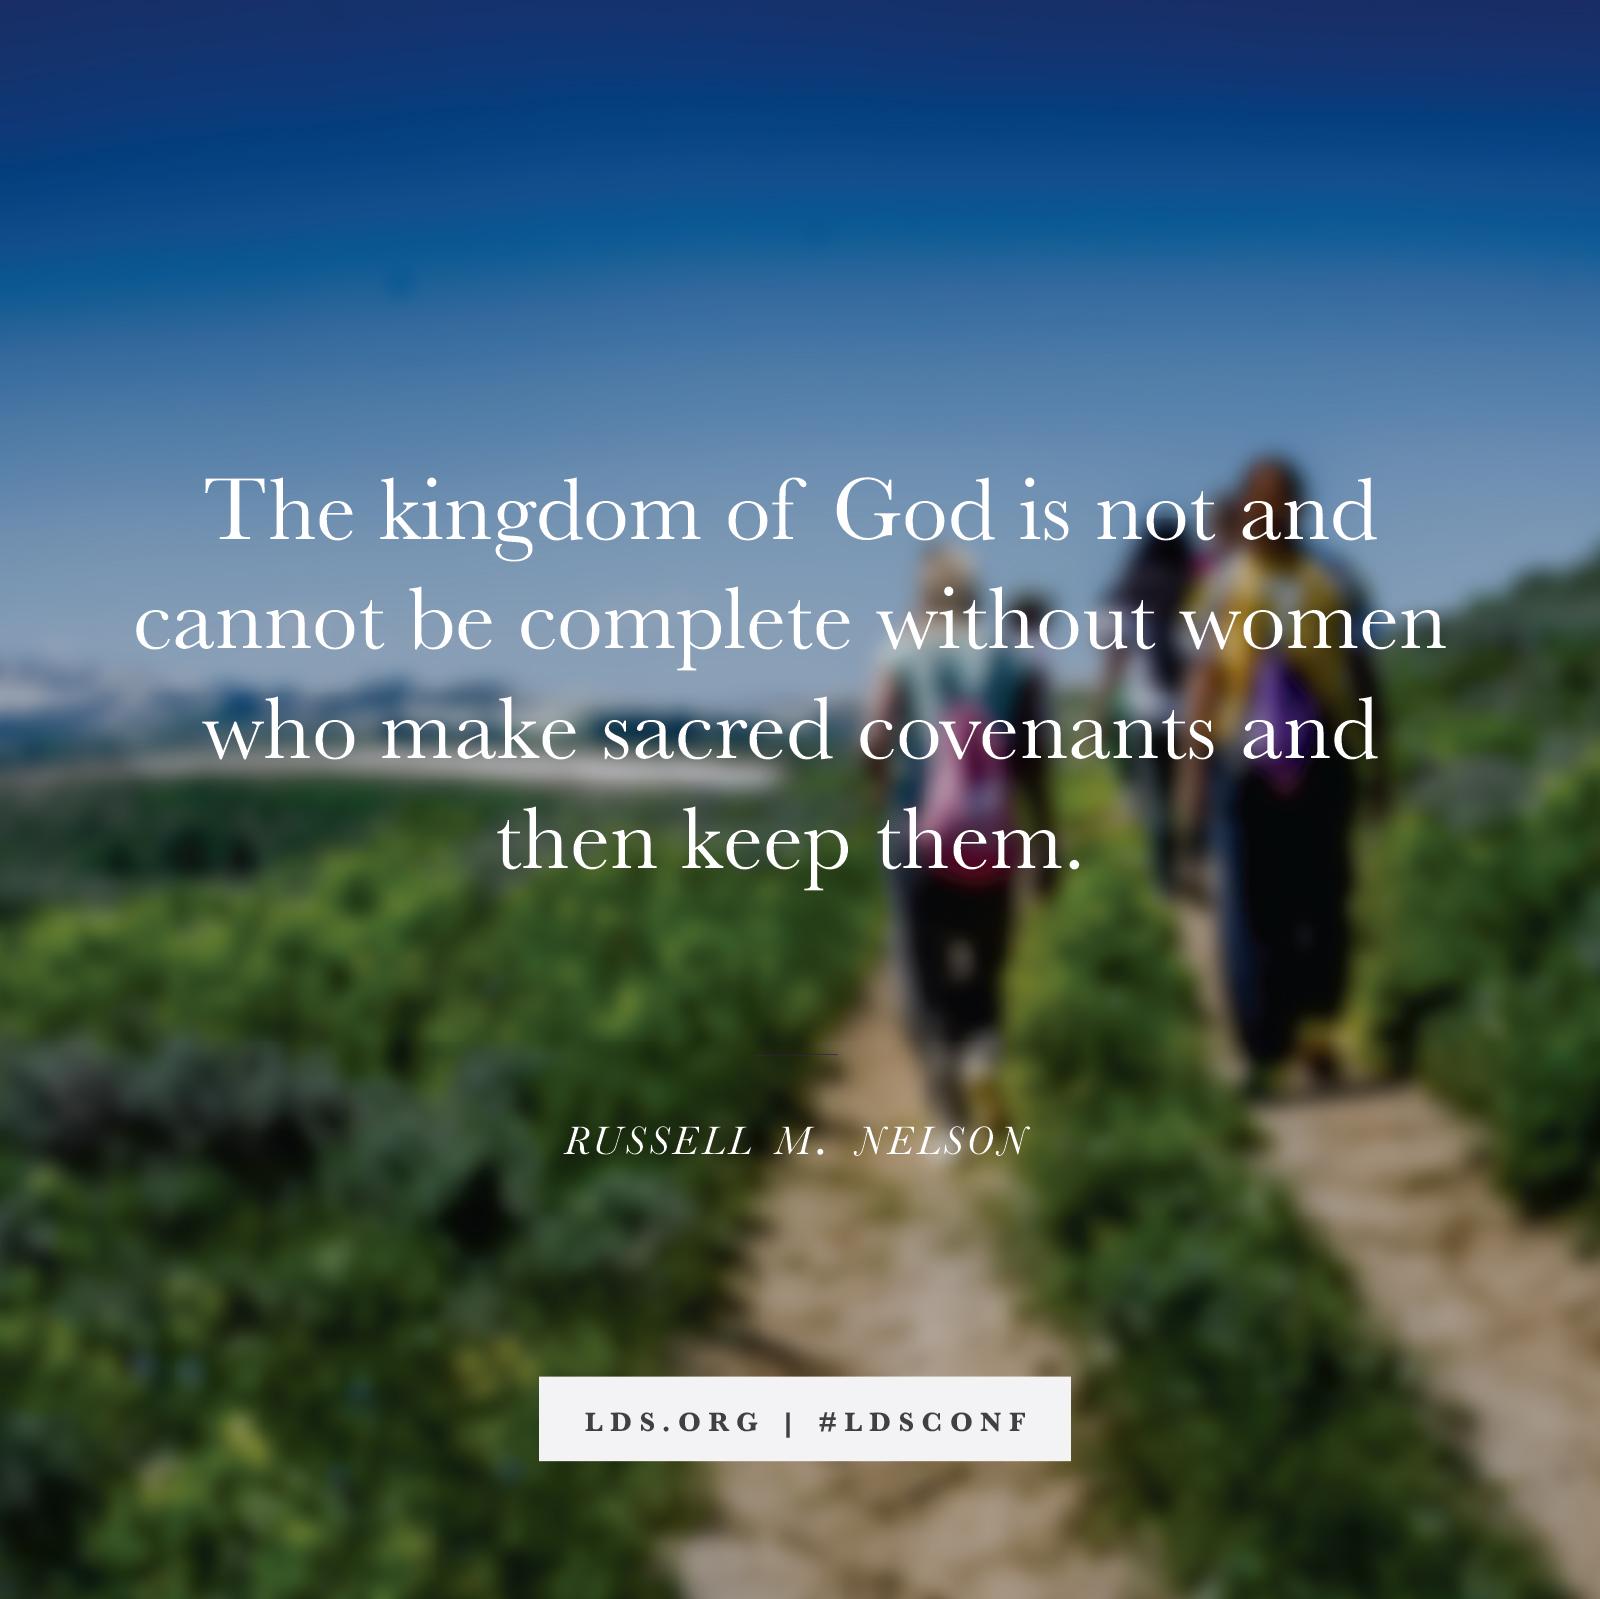 Women Who Make Sacred Covenants